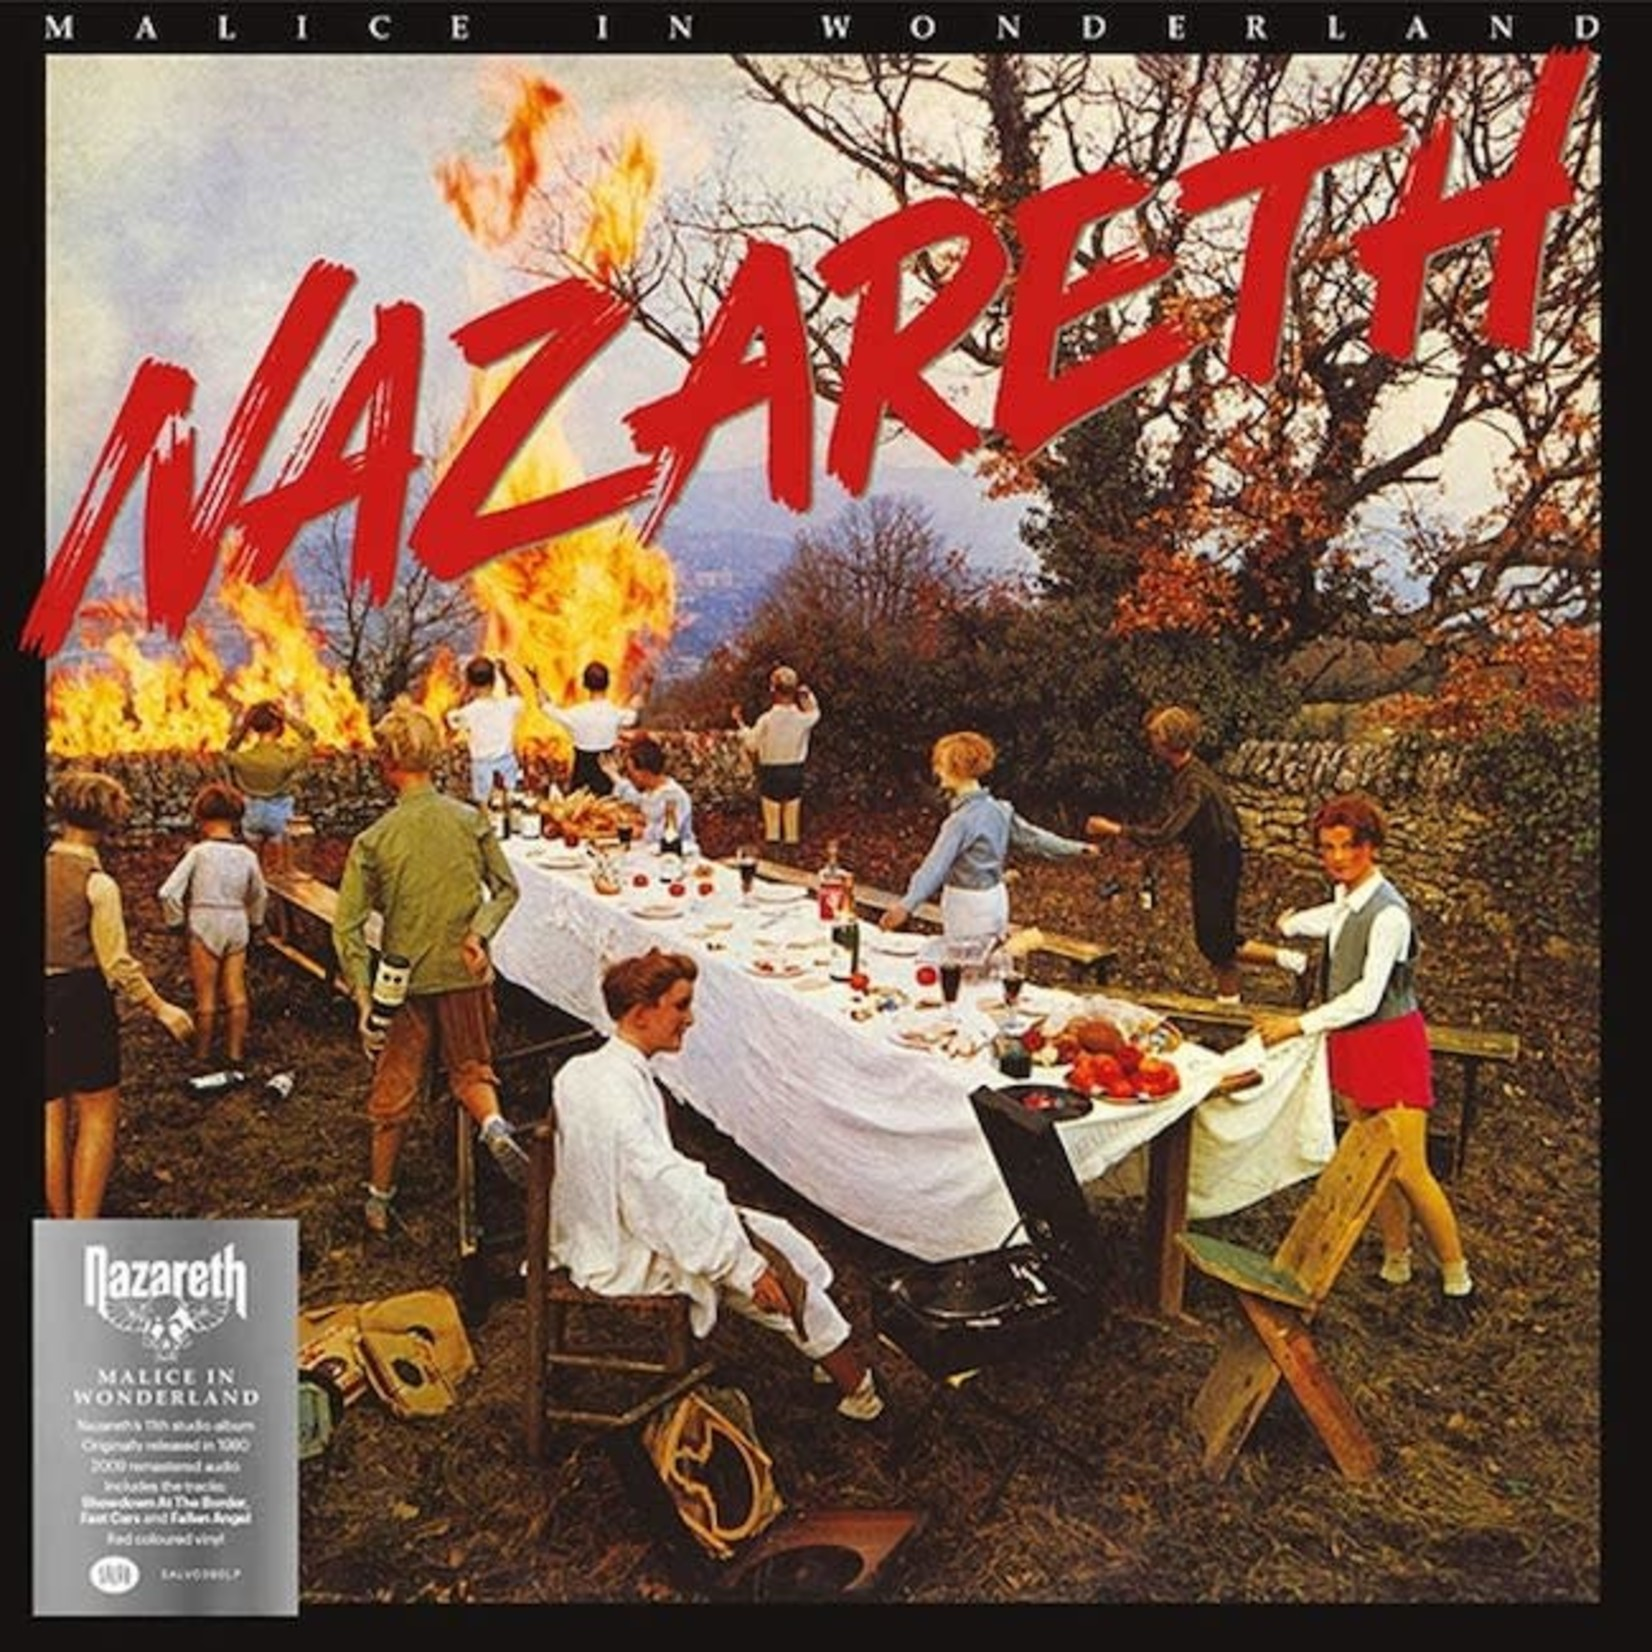 [Vintage] Nazareth: Malice in Wonderland